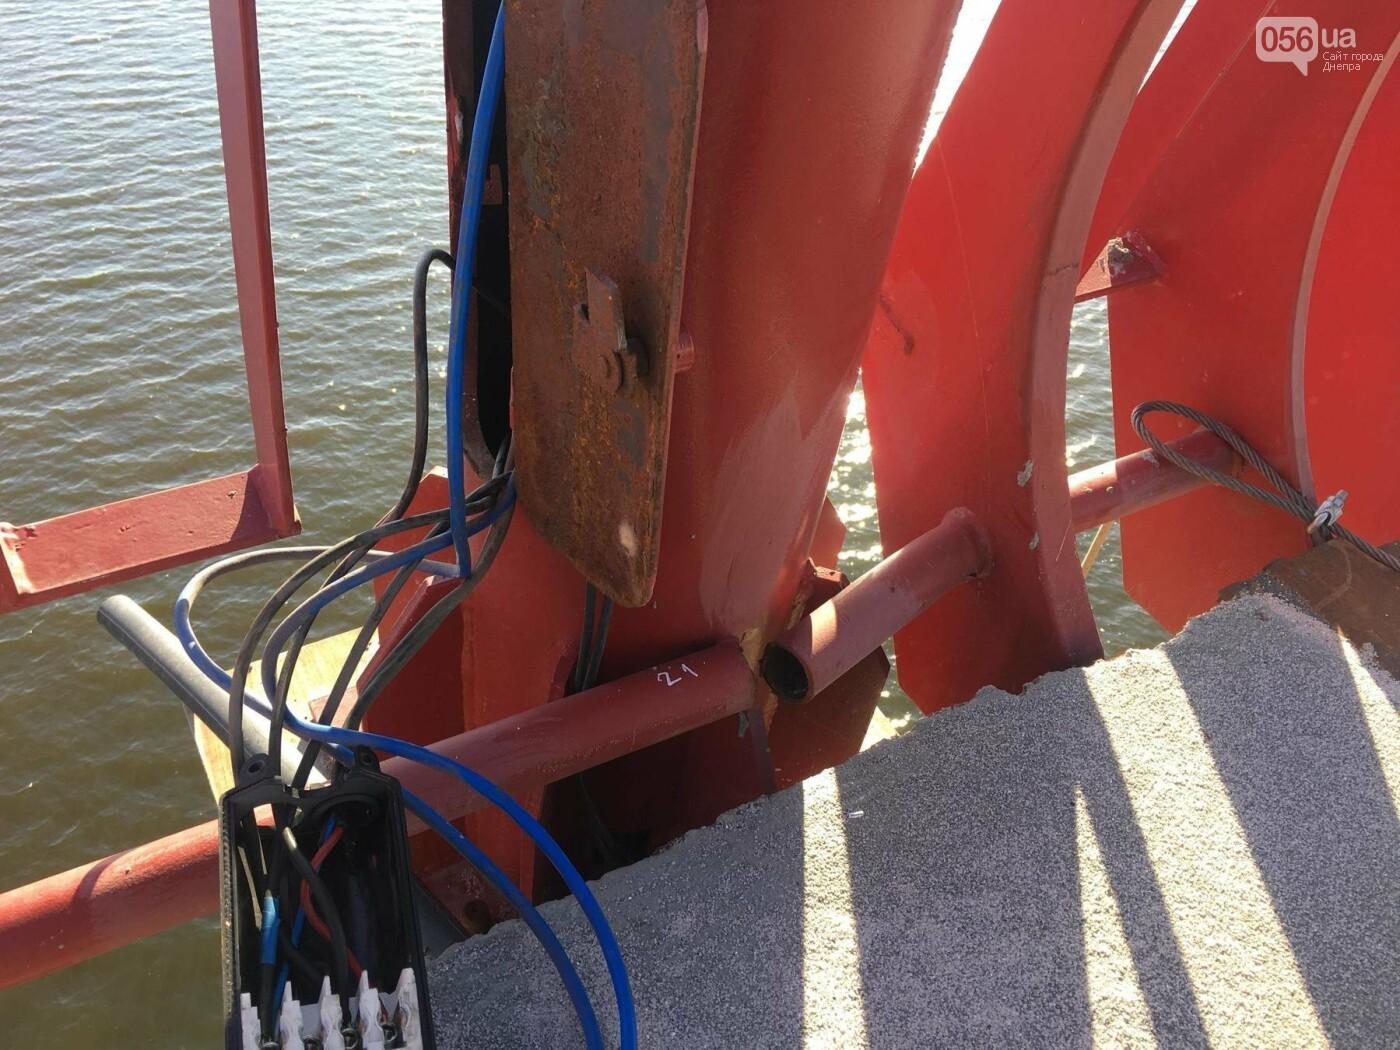 На Новом мосту в Днепре продолжает падать фонарный столб: что с ним будут делать, - ФОТО,  ВИДЕО, фото-3